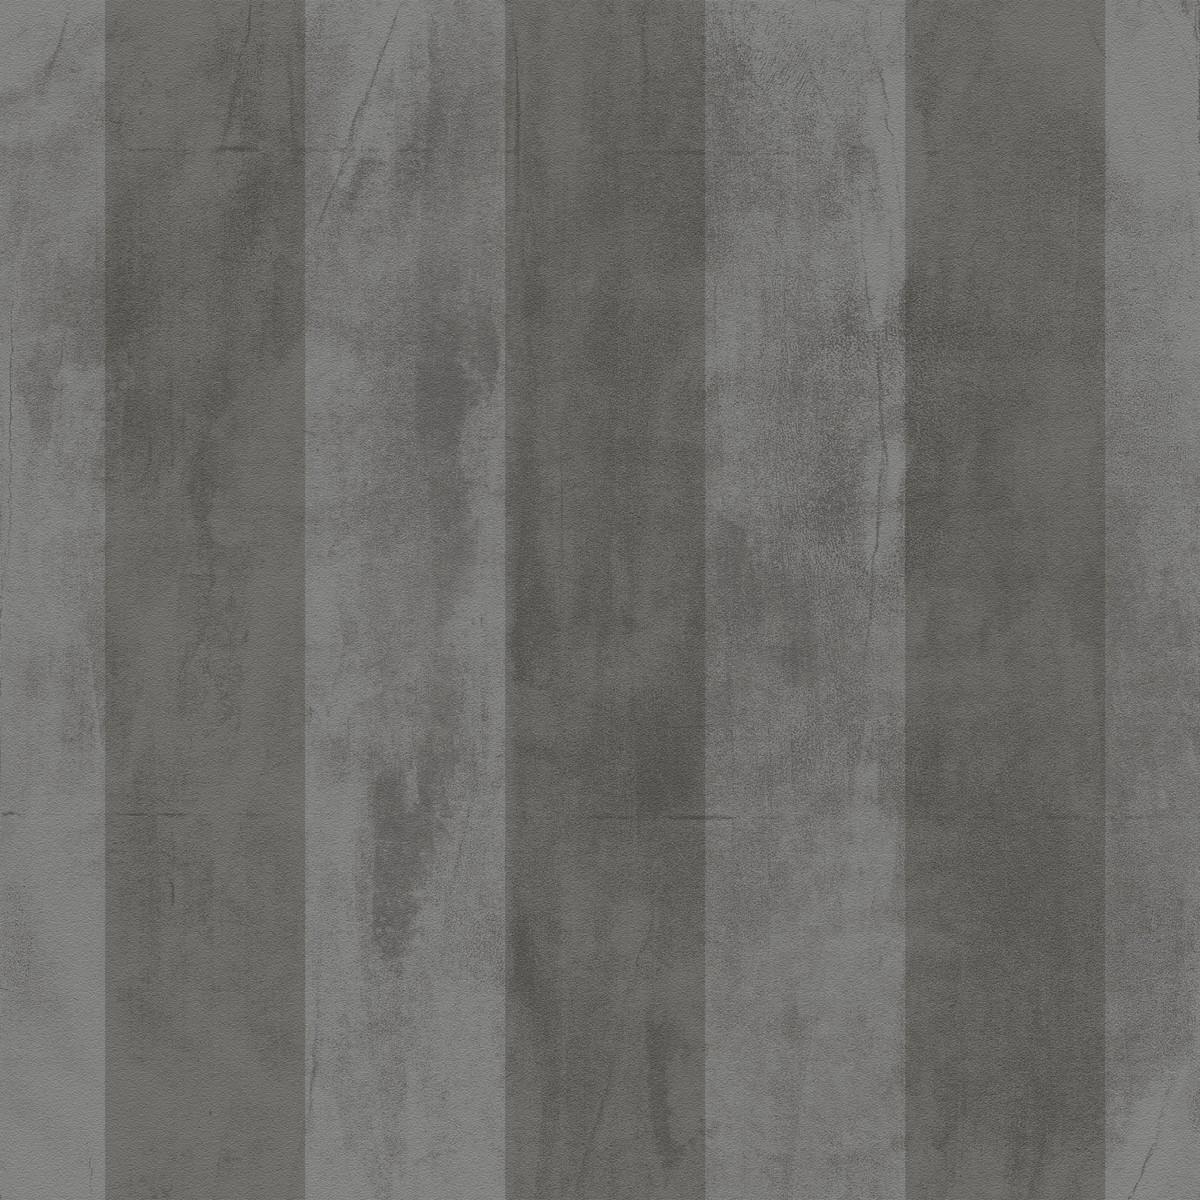 cimento queimado cinza esc listrado 1434 no Elo7  WP